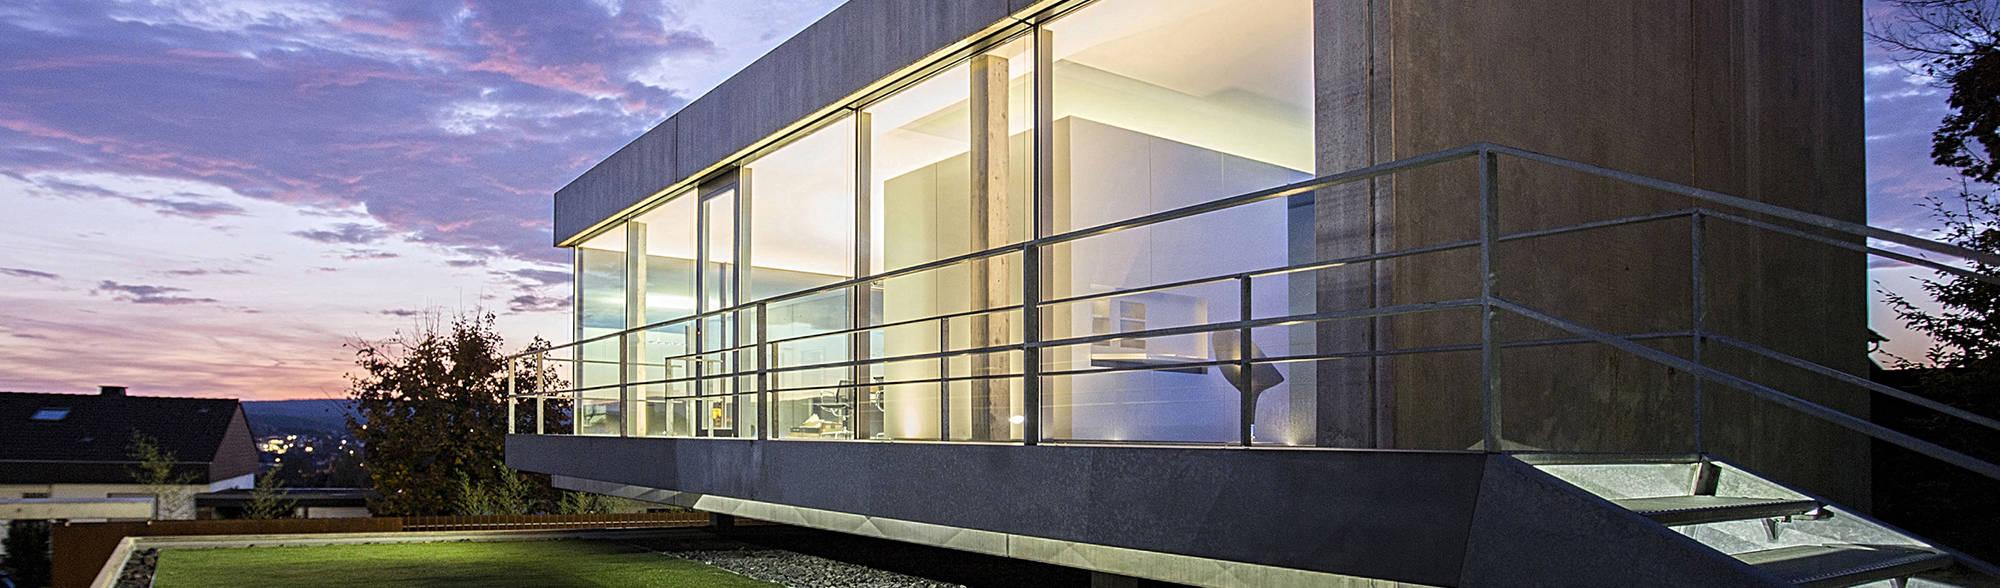 Jensen Raumkonzept & Design